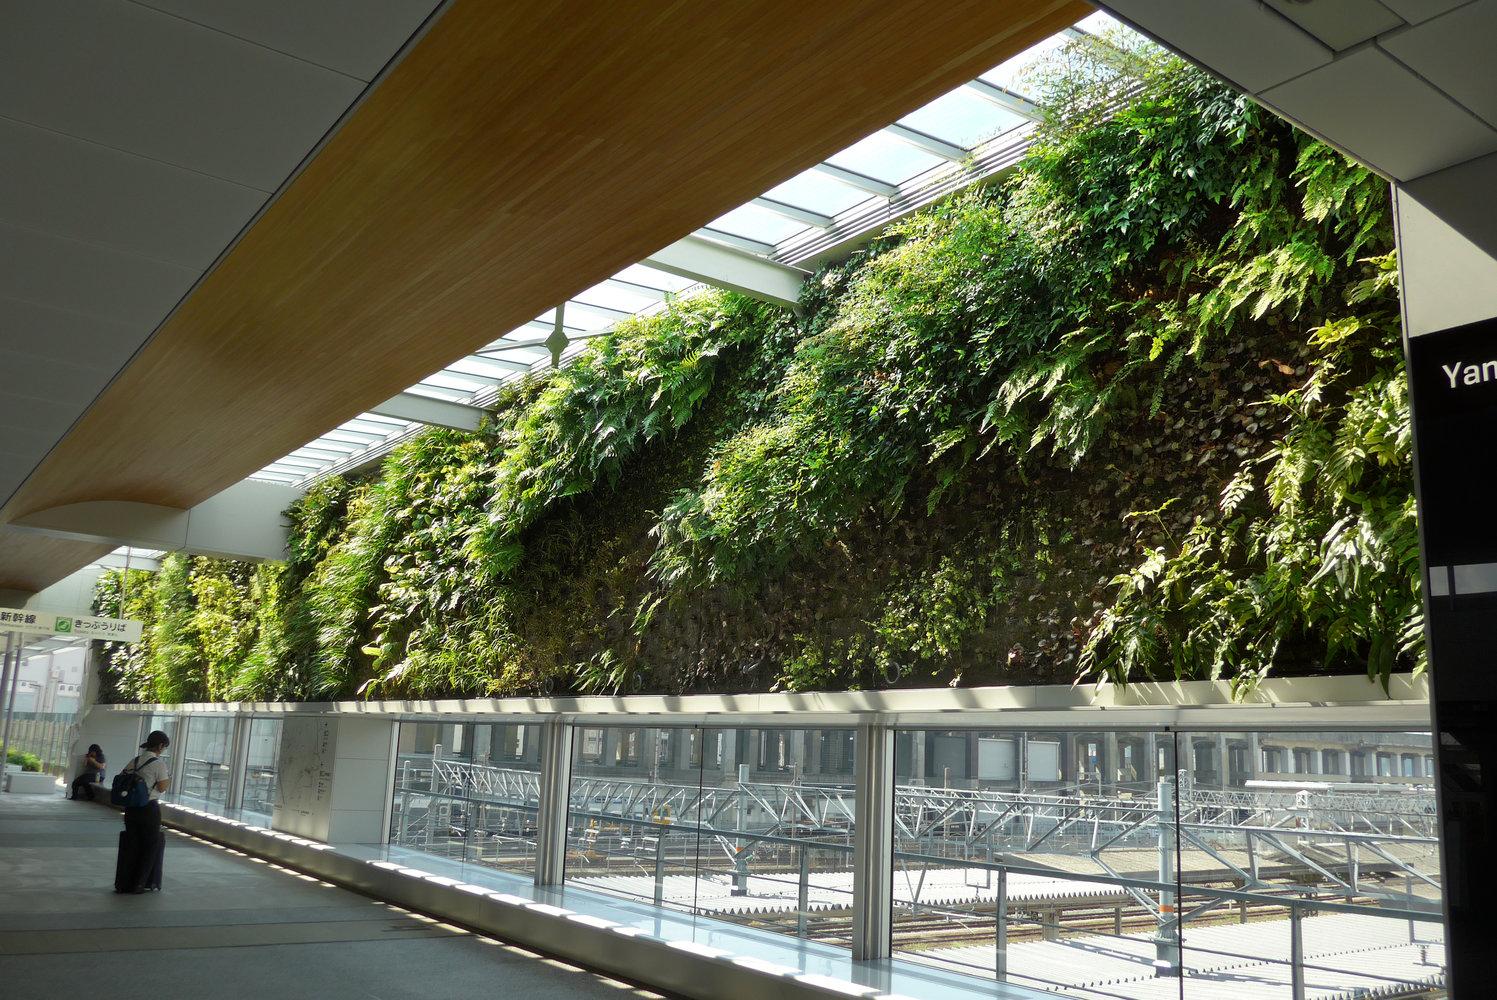 Shin Yamaguchi Station Mur Vegetal Patrick Blanc